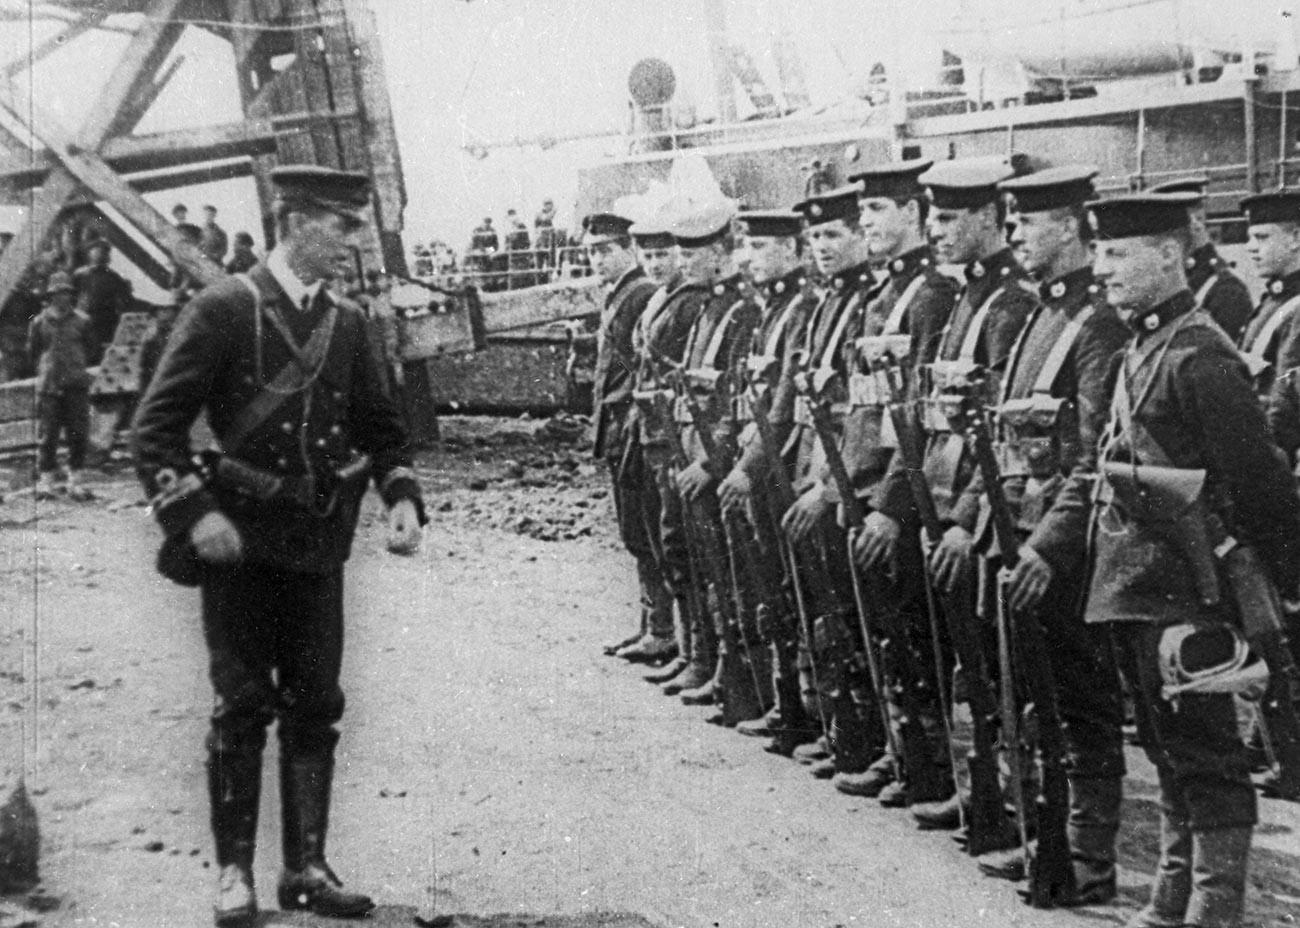 Французские интервенты в Одессе. Март 1919 года. Кадр кинохроники.